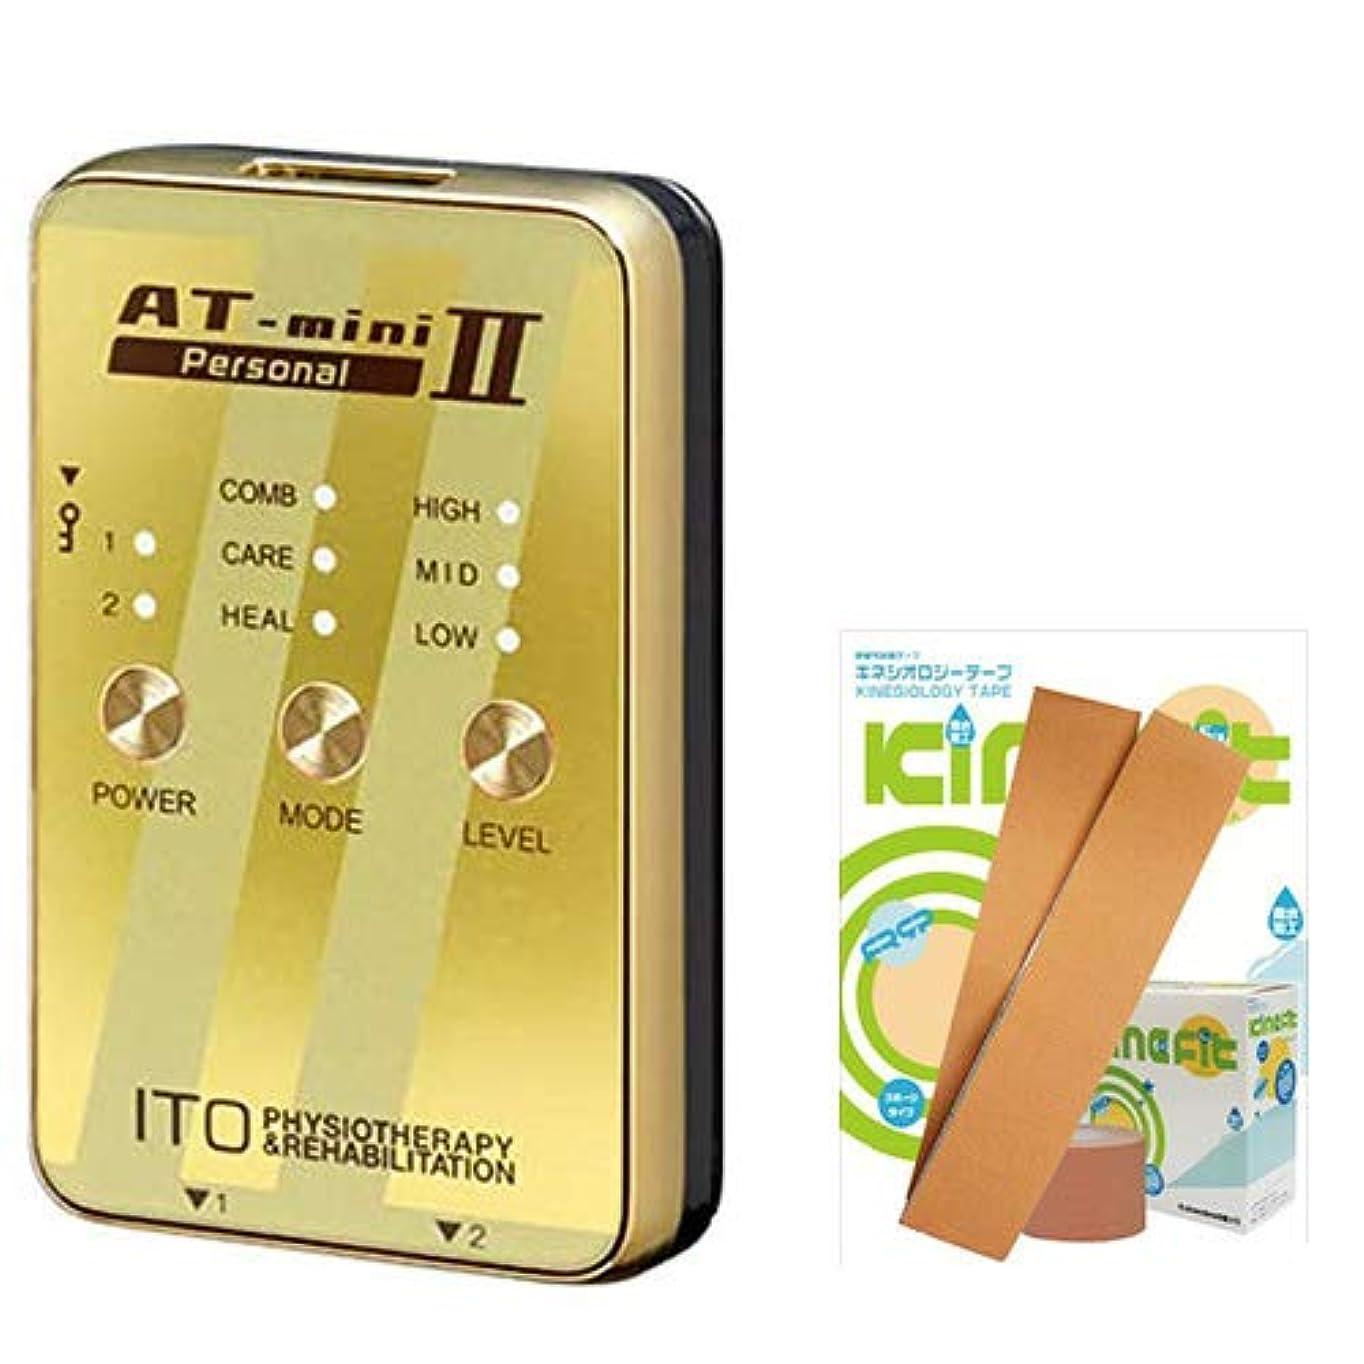 バブル準備した鯨低周波治療器 AT-mini personal II ゴールド (ATミニパーソナル2) +キネフィットテープ50cmセット